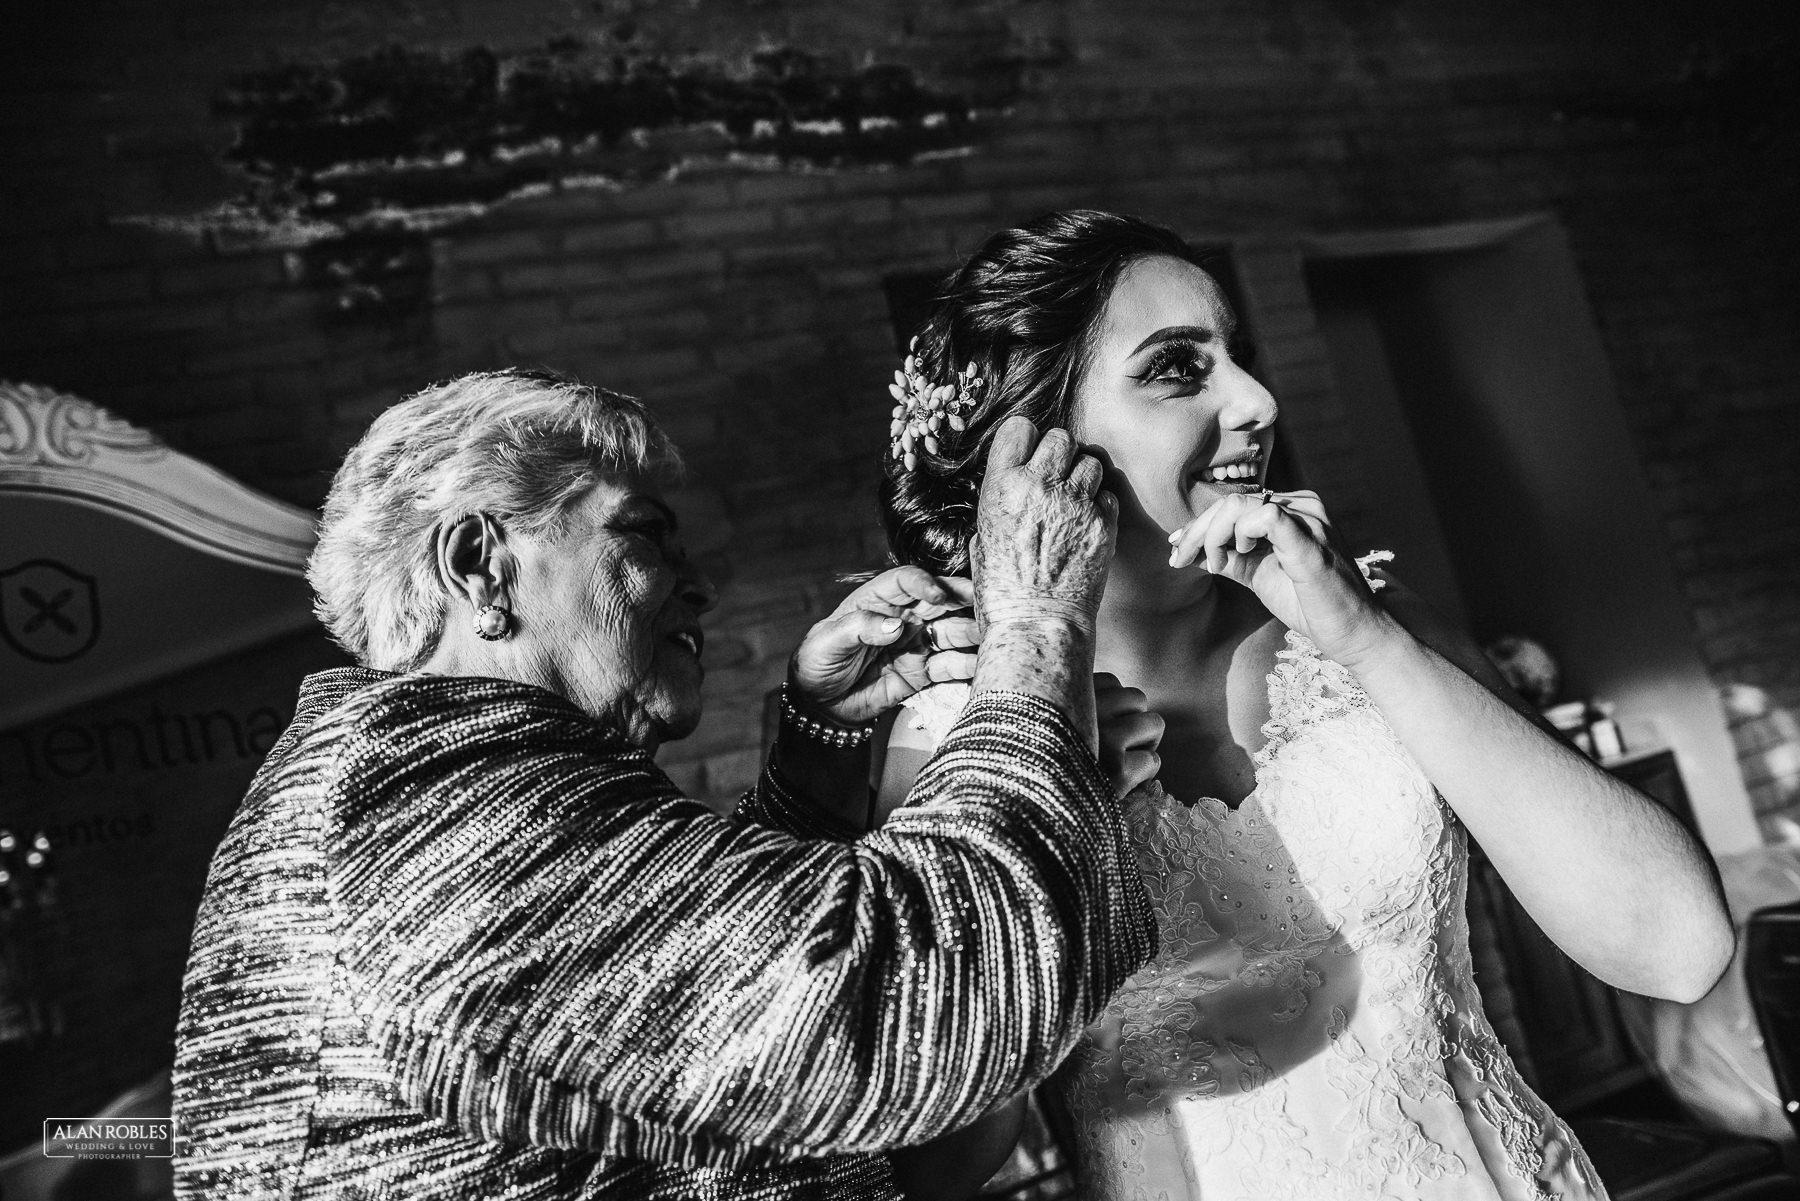 Fotografo de bodas Alan Robles-Casa Clementina Guadalajara DyA-29